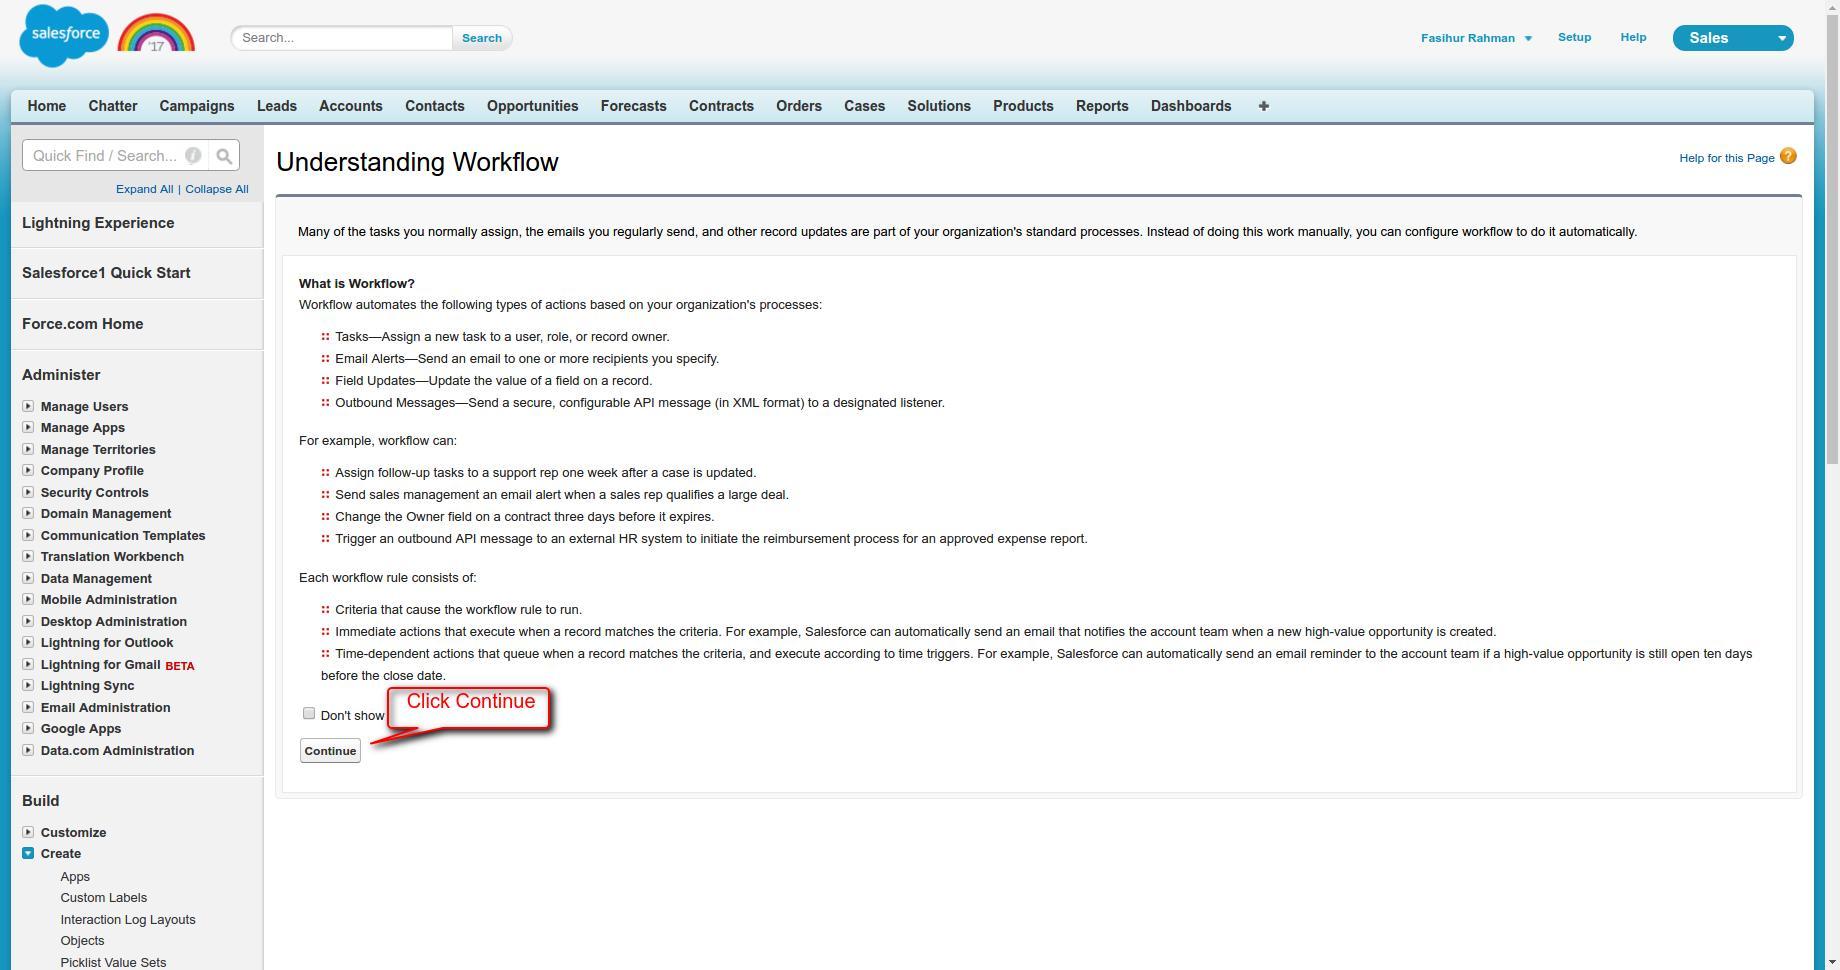 Workflow & Approvals in Salesforce - Webkul Blog